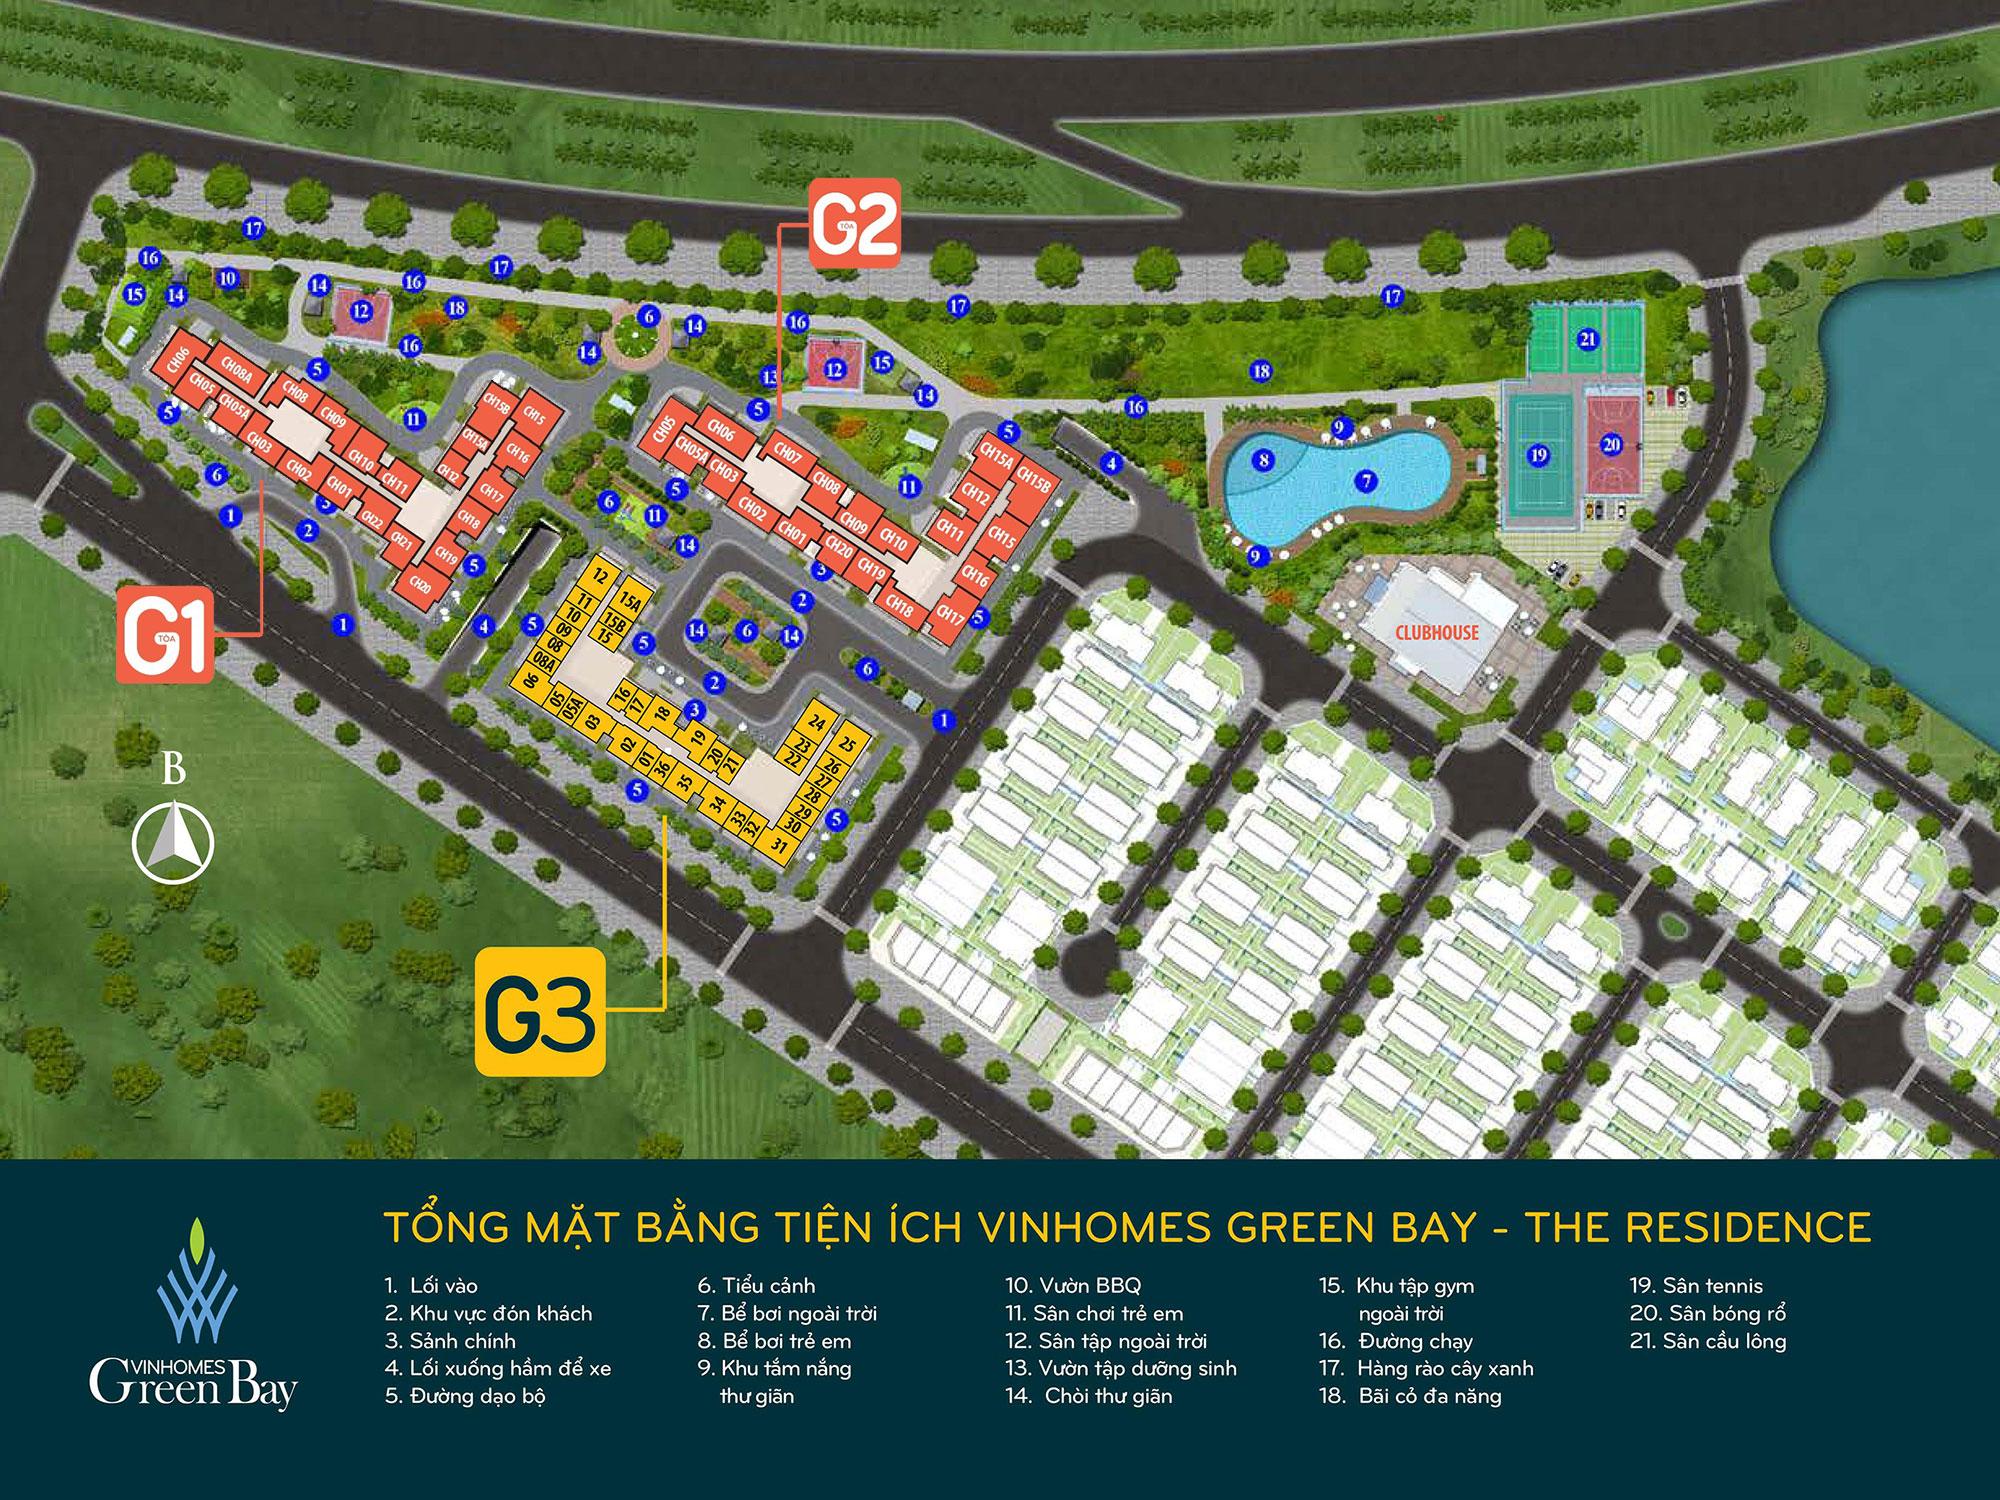 mat-bang-vinhomes-green-bay-the-residence